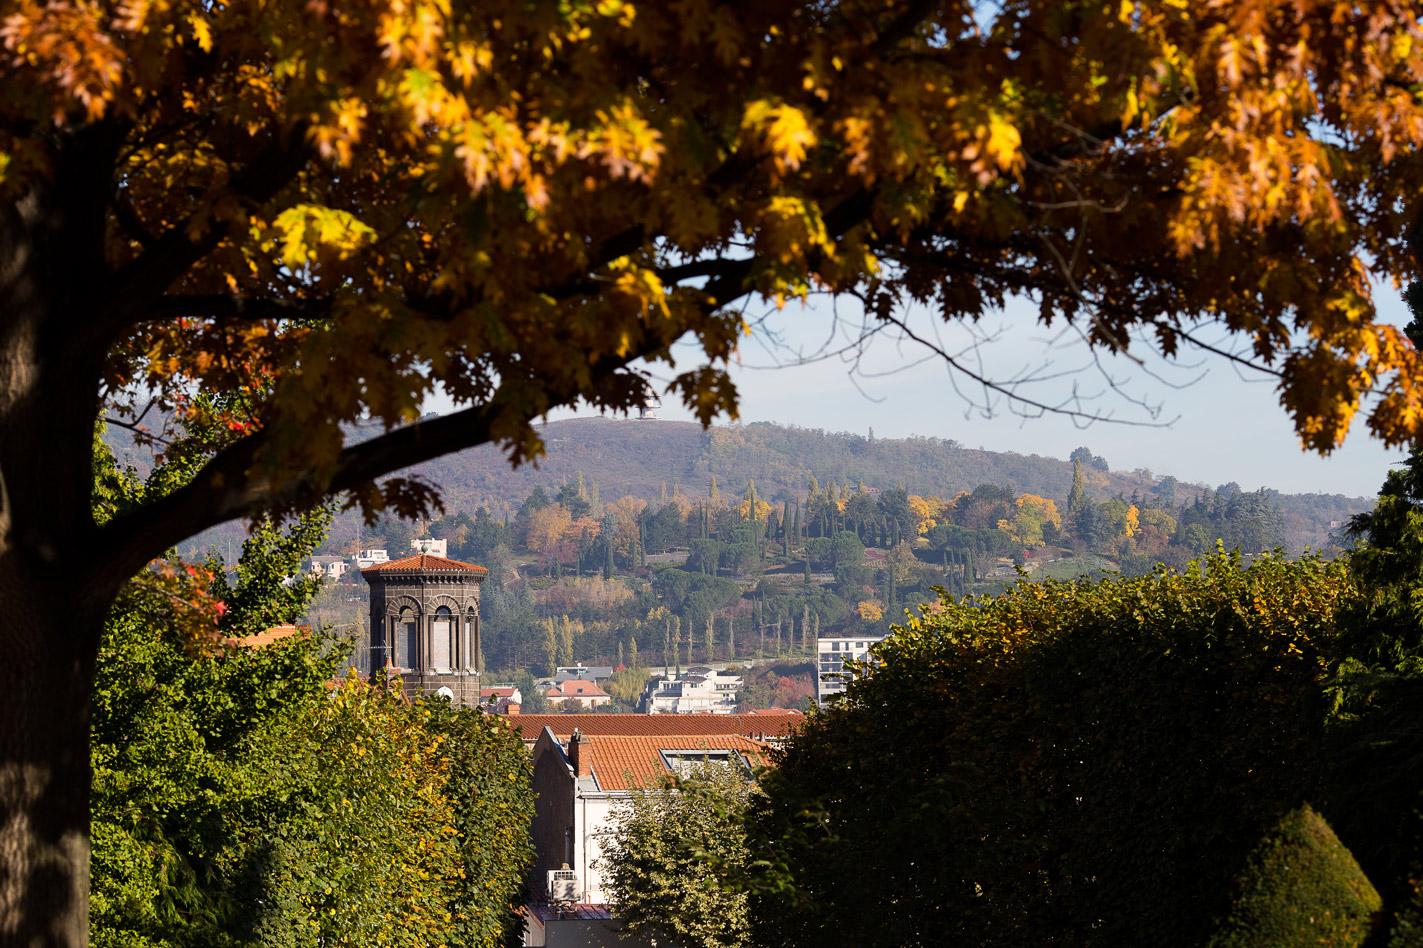 Hotel Royal Saint Mart Royat Clermont Ferrand Vue sur l'église de Chamalière en automne